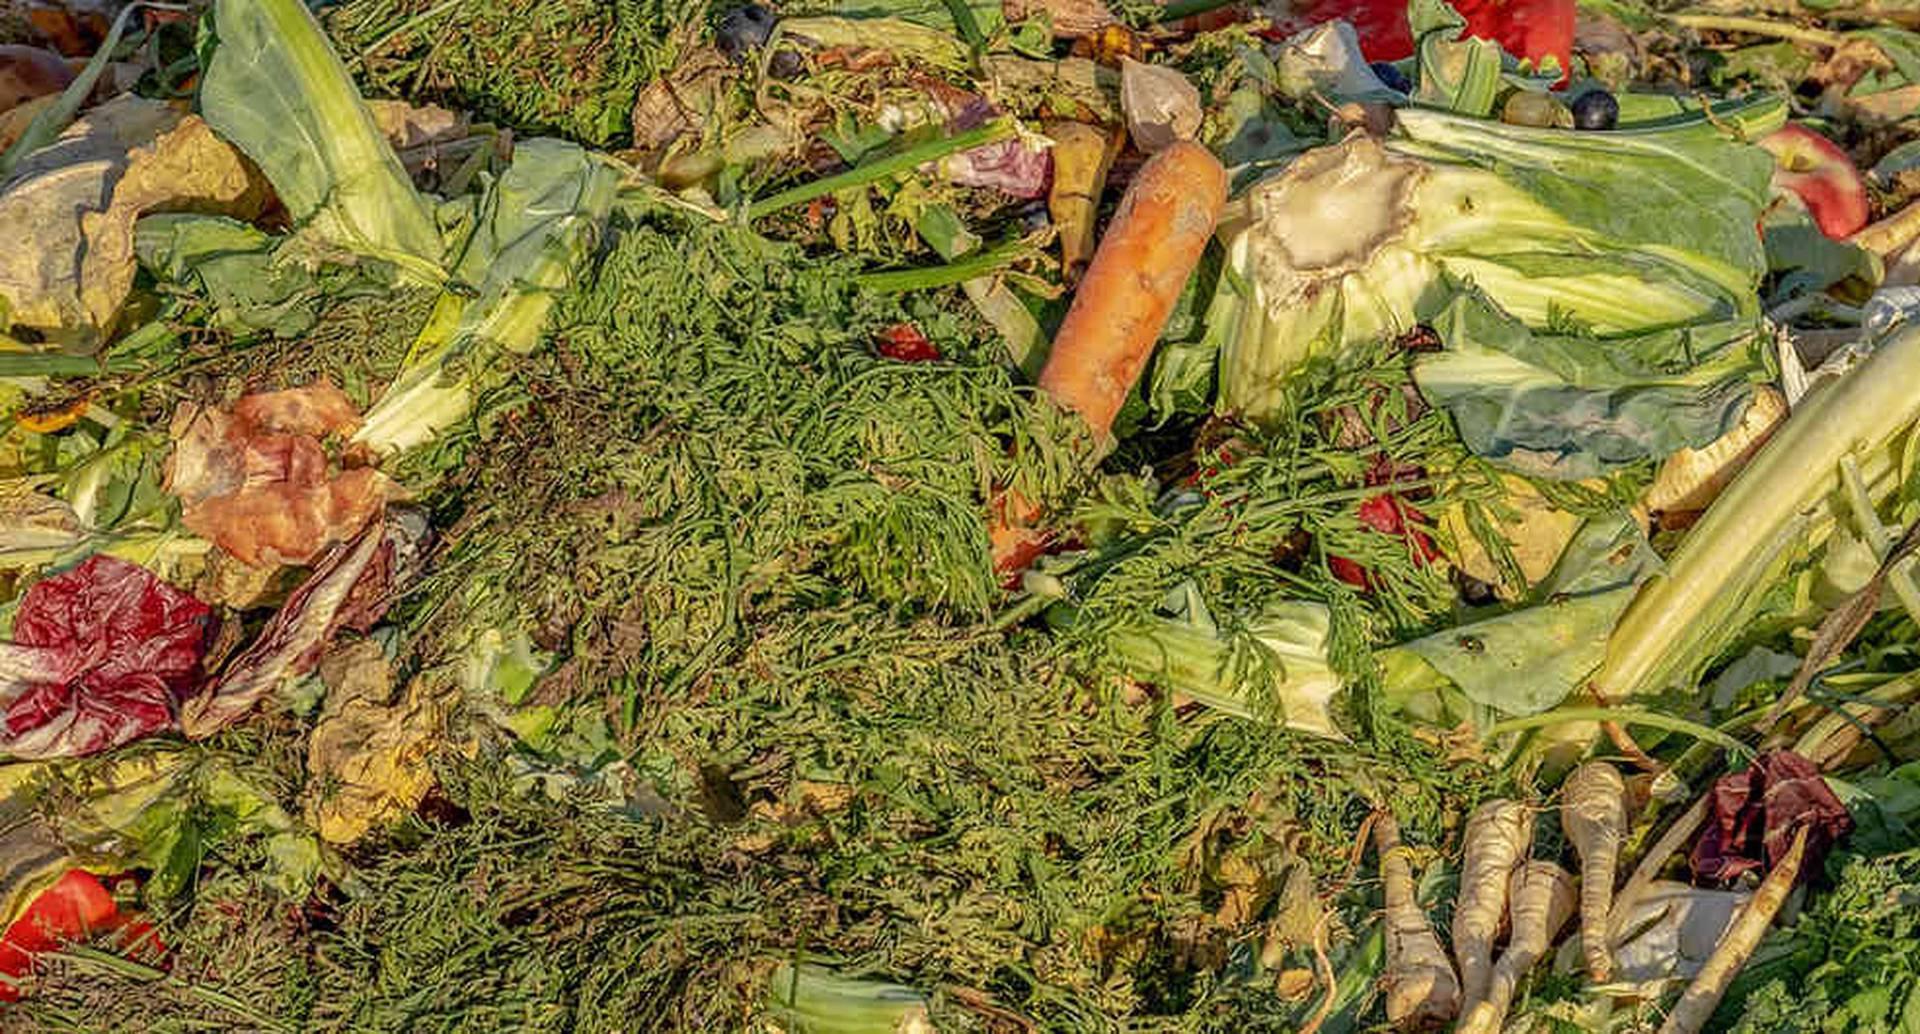 9,76 millones de toneladas se pierden y desperdician en el país cada año, según el Departamento Nacional de Planeación (DNP).